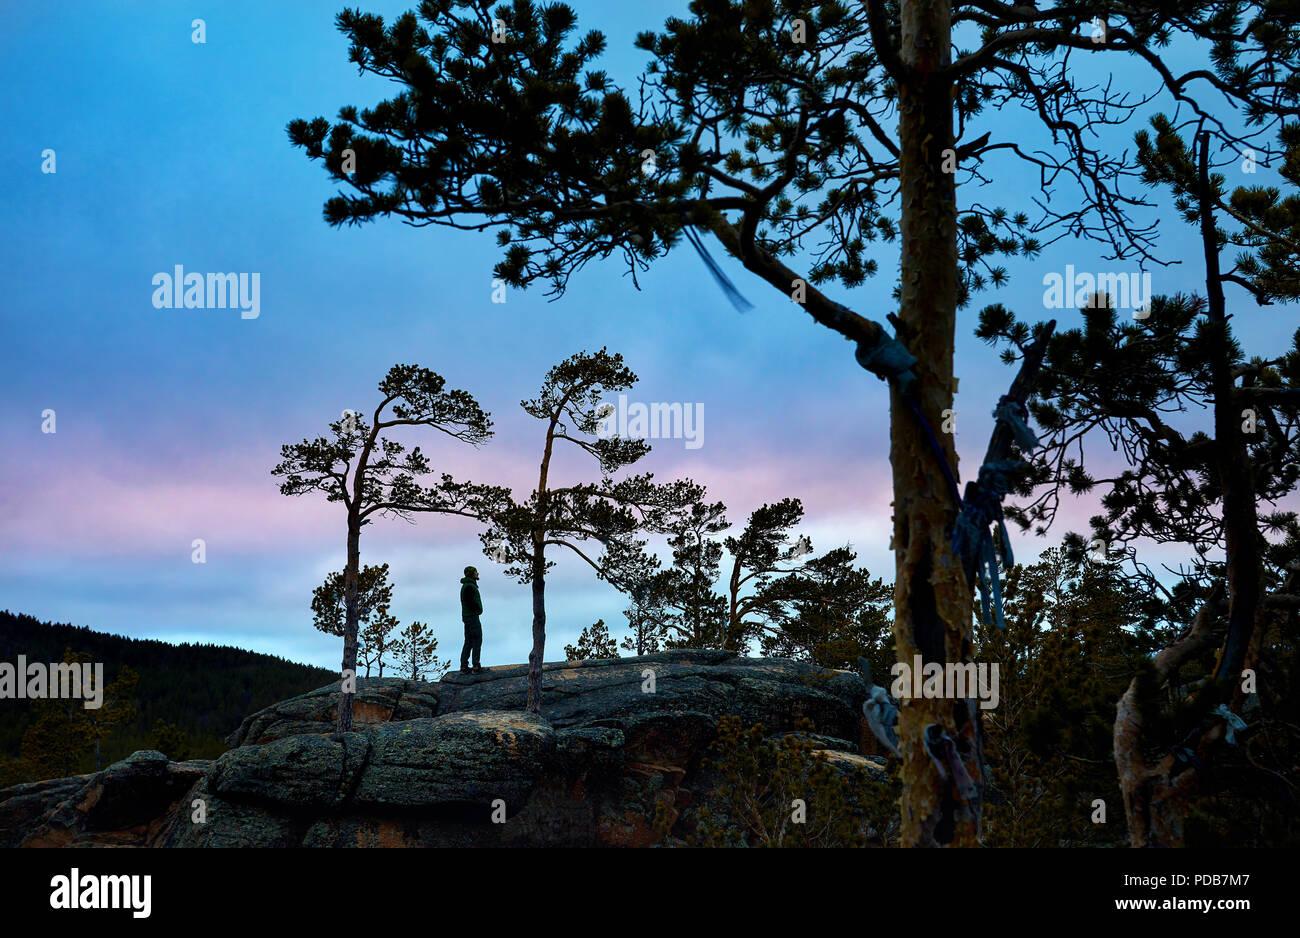 Uomo in silhouette tra alberi di pino di Karkaraly parco nazionale in Kazakistan centrale al tramonto viola Immagini Stock